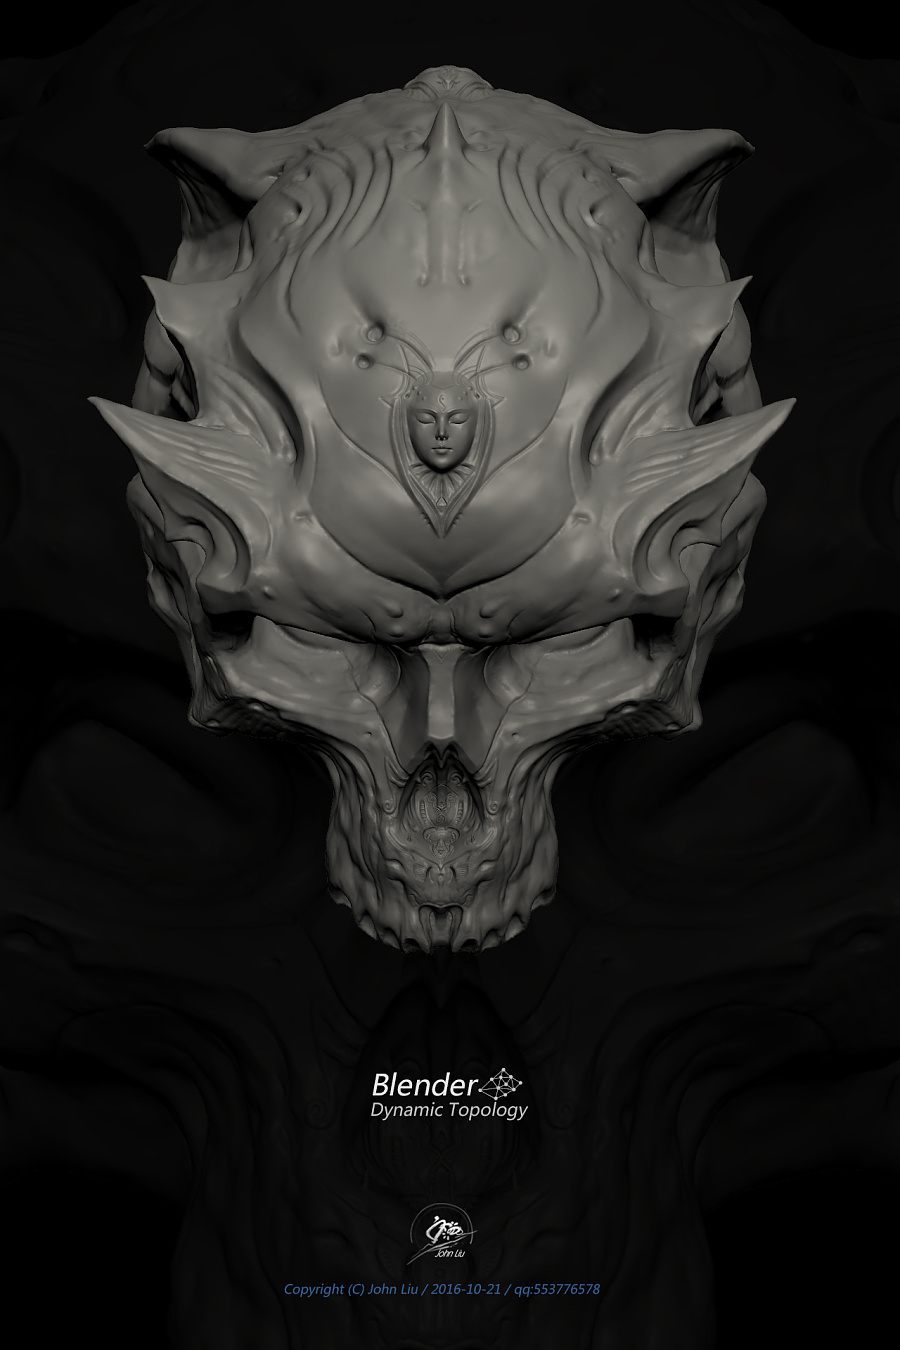 查看《Blender动态雕刻极限测试作品-双生头骨》原图,原图尺寸:1280x1920